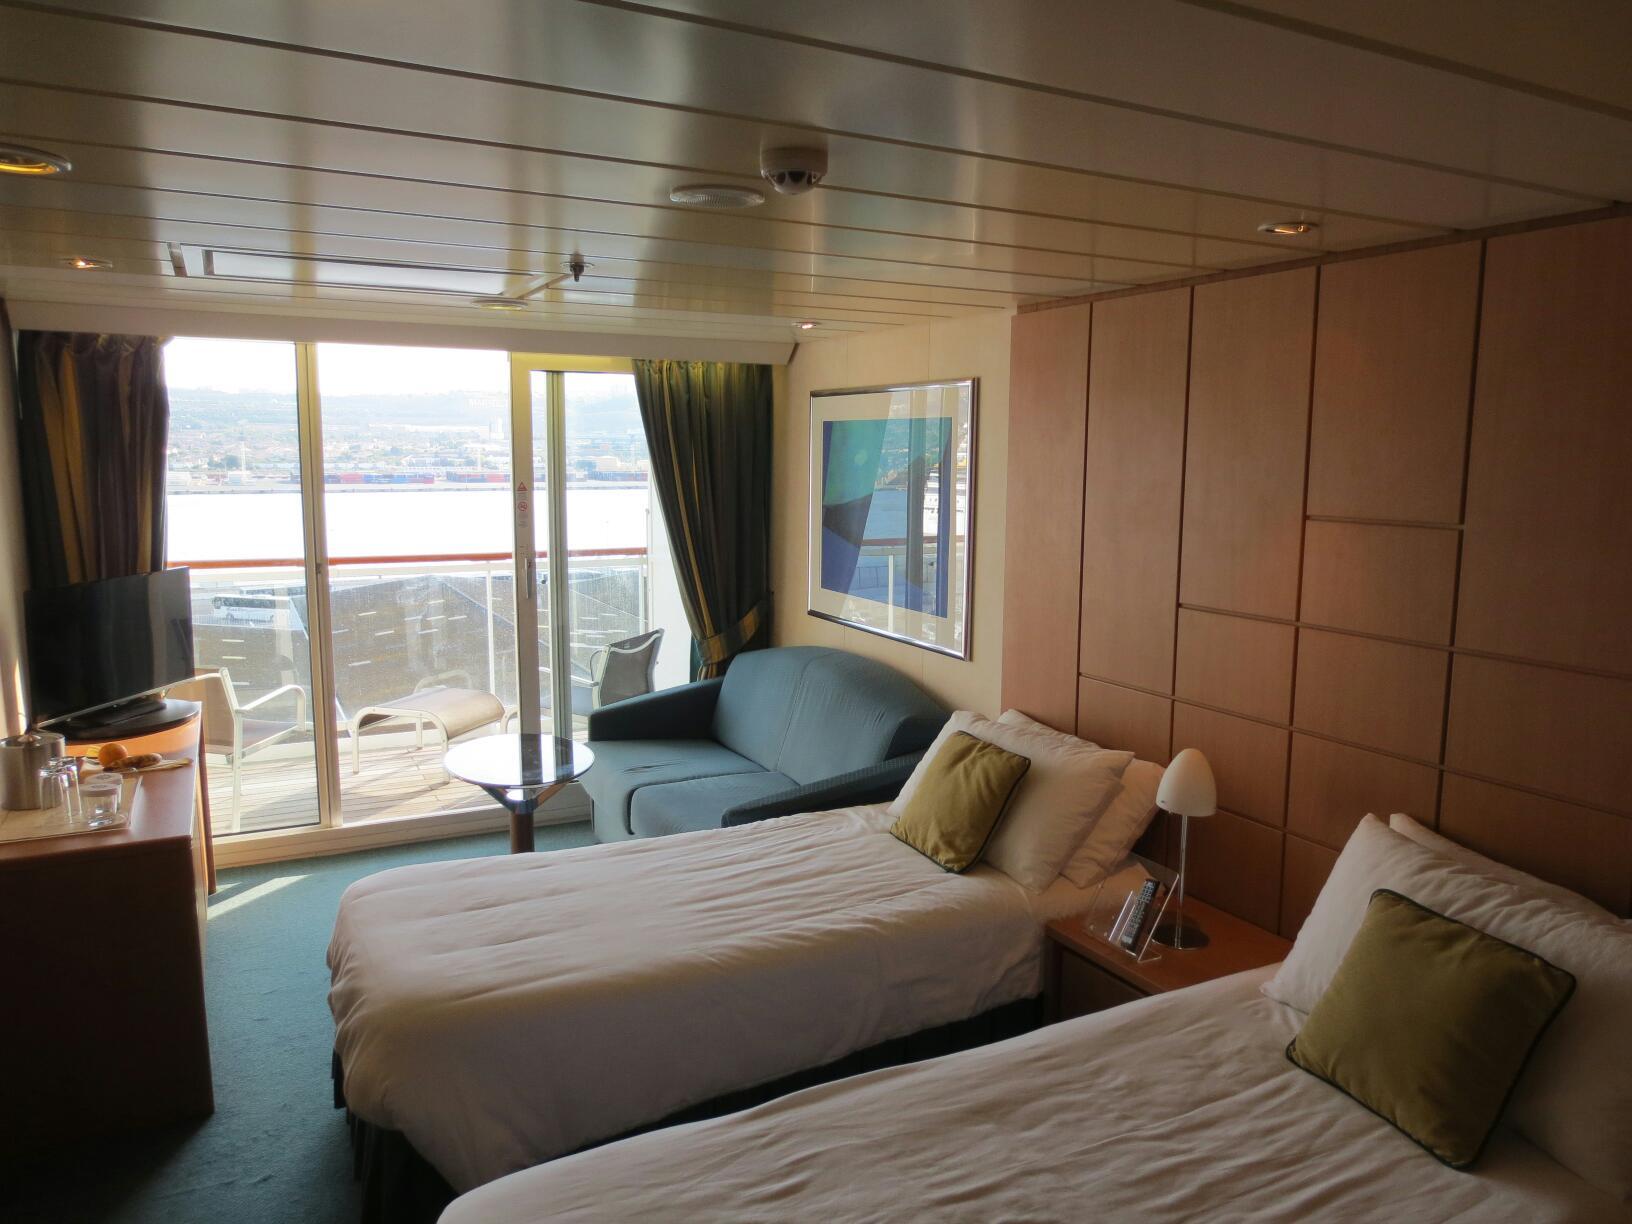 MSC Armonia Cruise Ship - Reviews and Photos - Cruiseline com